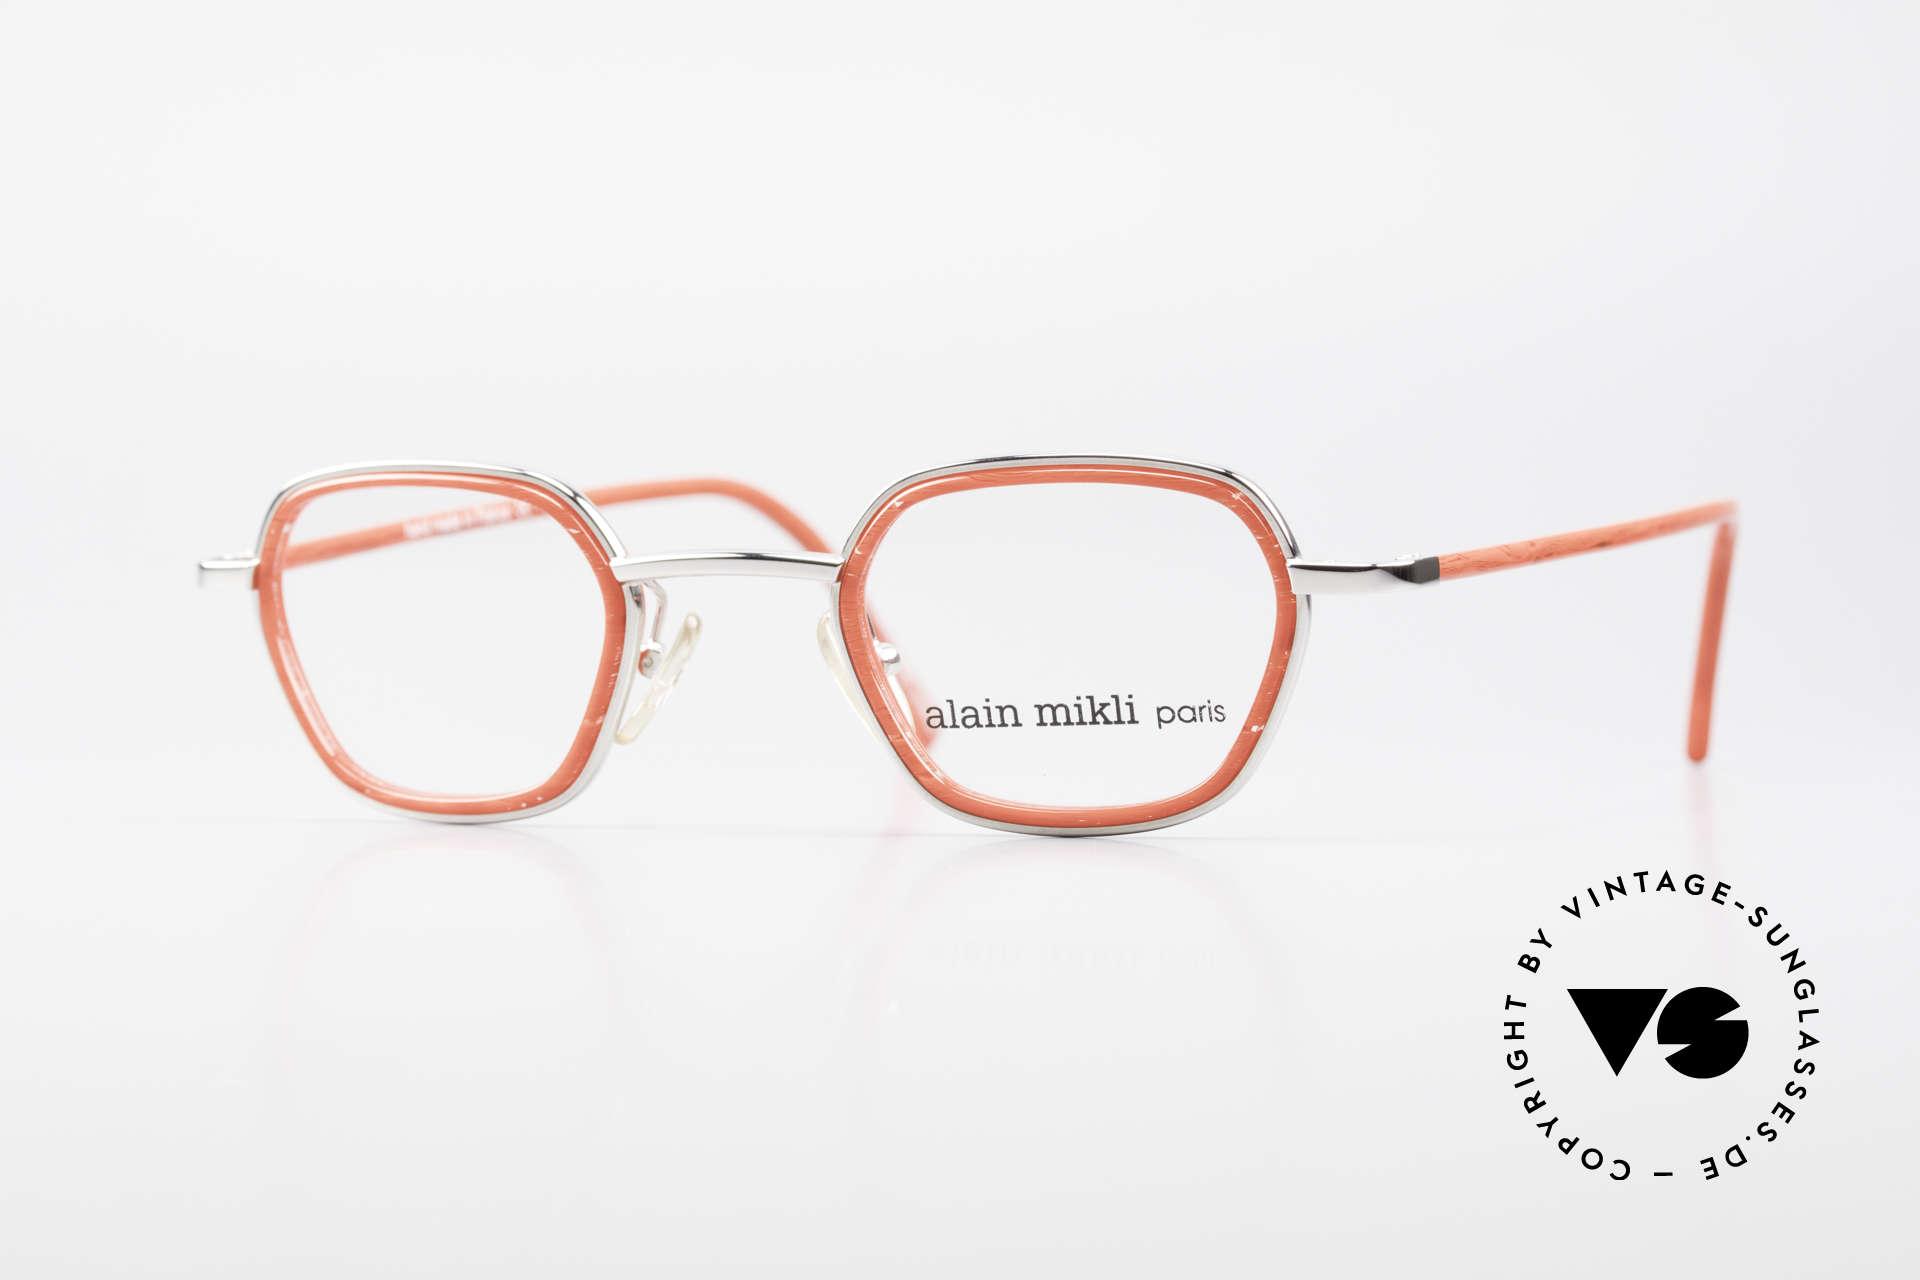 Alain Mikli 1642 / 1006 Vintage Brille In Mikli Rot, grandiose 1990er ALAIN Mikli Designer-Fassung, Passend für Damen